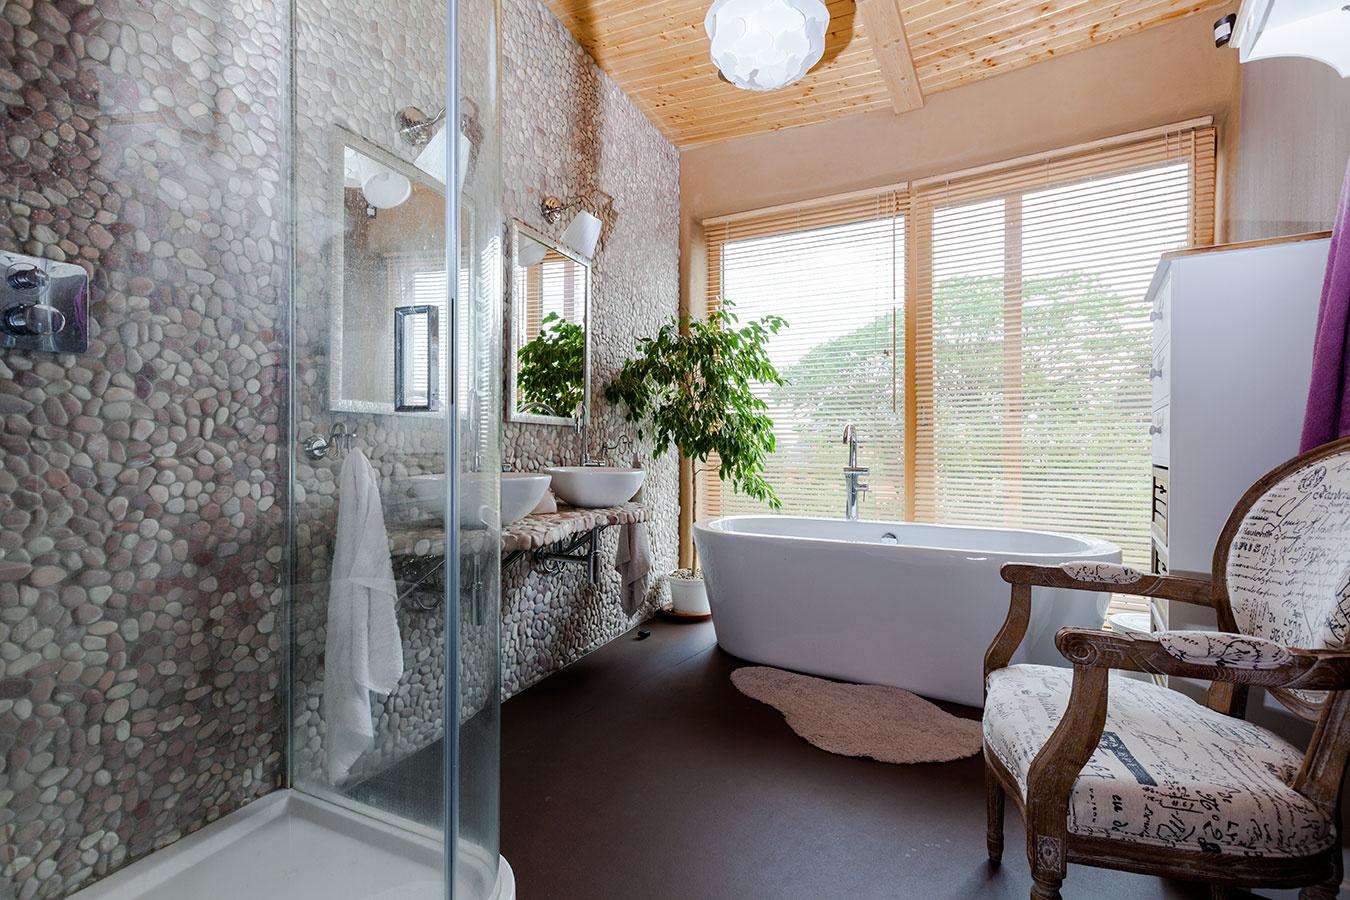 Súčasťou sprchového kúta je aj termostatická batéria, ktorú si veľmi pochvaľujú – teplotu vodu nemusia regulovať, ale si ju vopred nastavia, čím ušetria vodu aj energiu. Počiatočnú vyššiu investíciu teda rozhodne neľutujú.